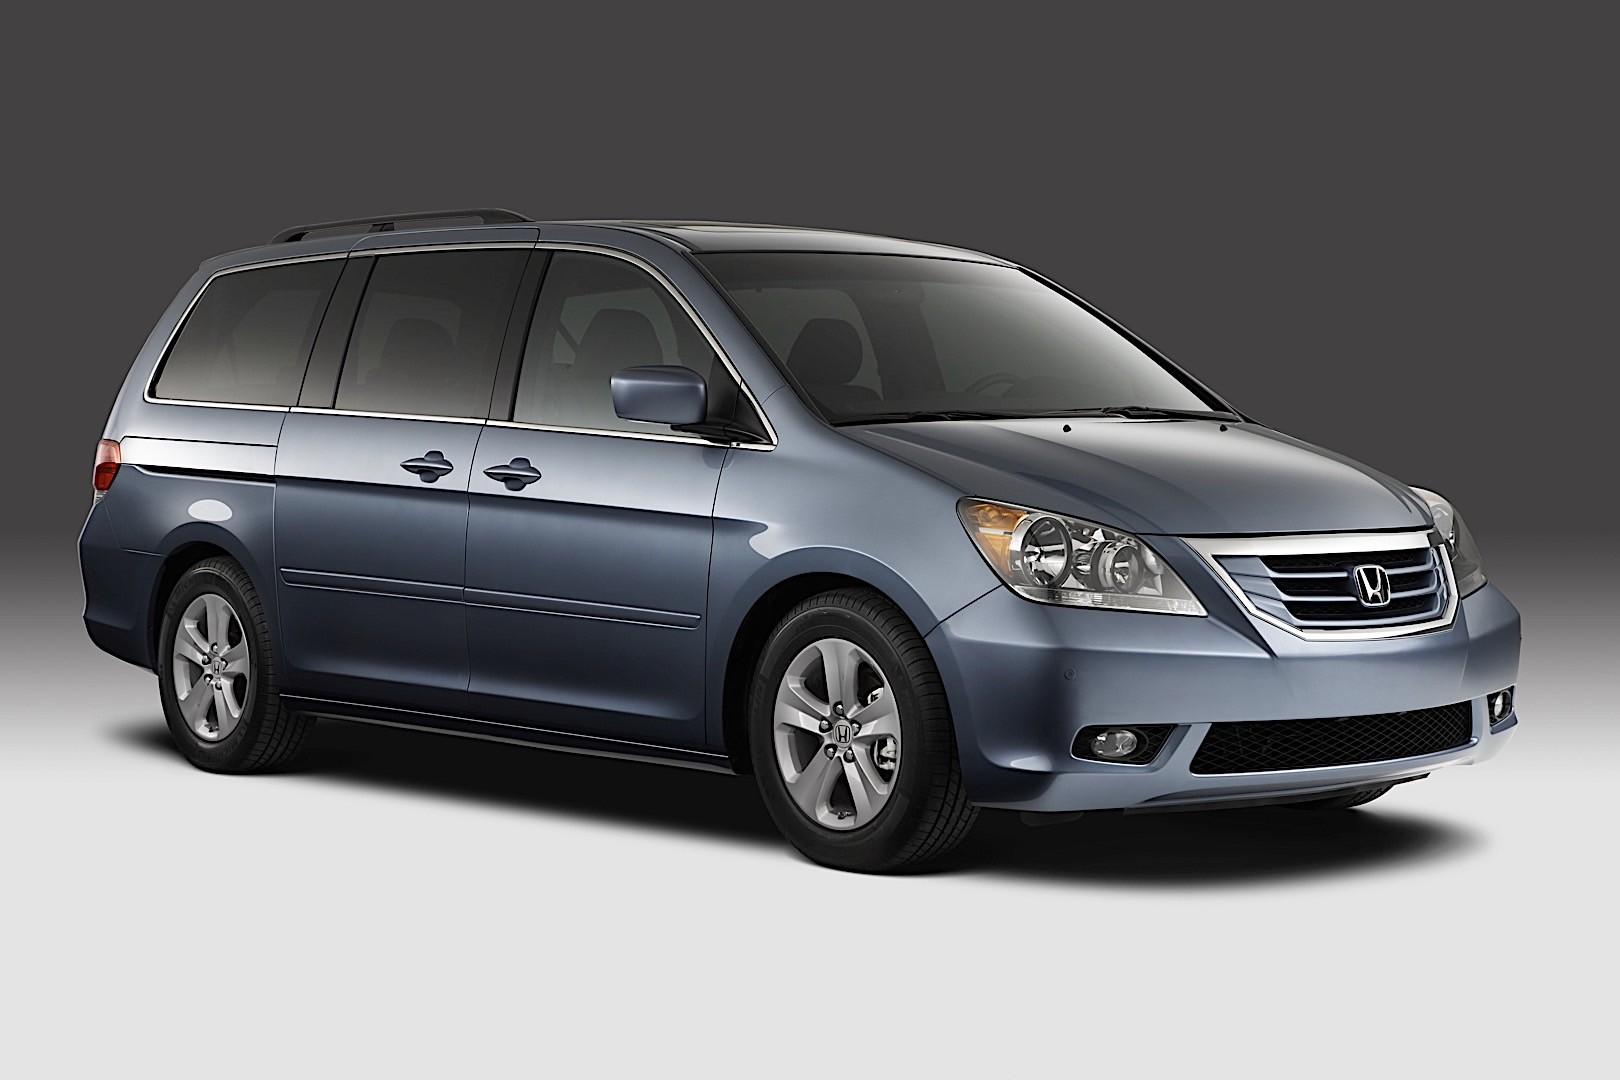 Kelebihan Kekurangan Honda Odyssey 2008 Harga